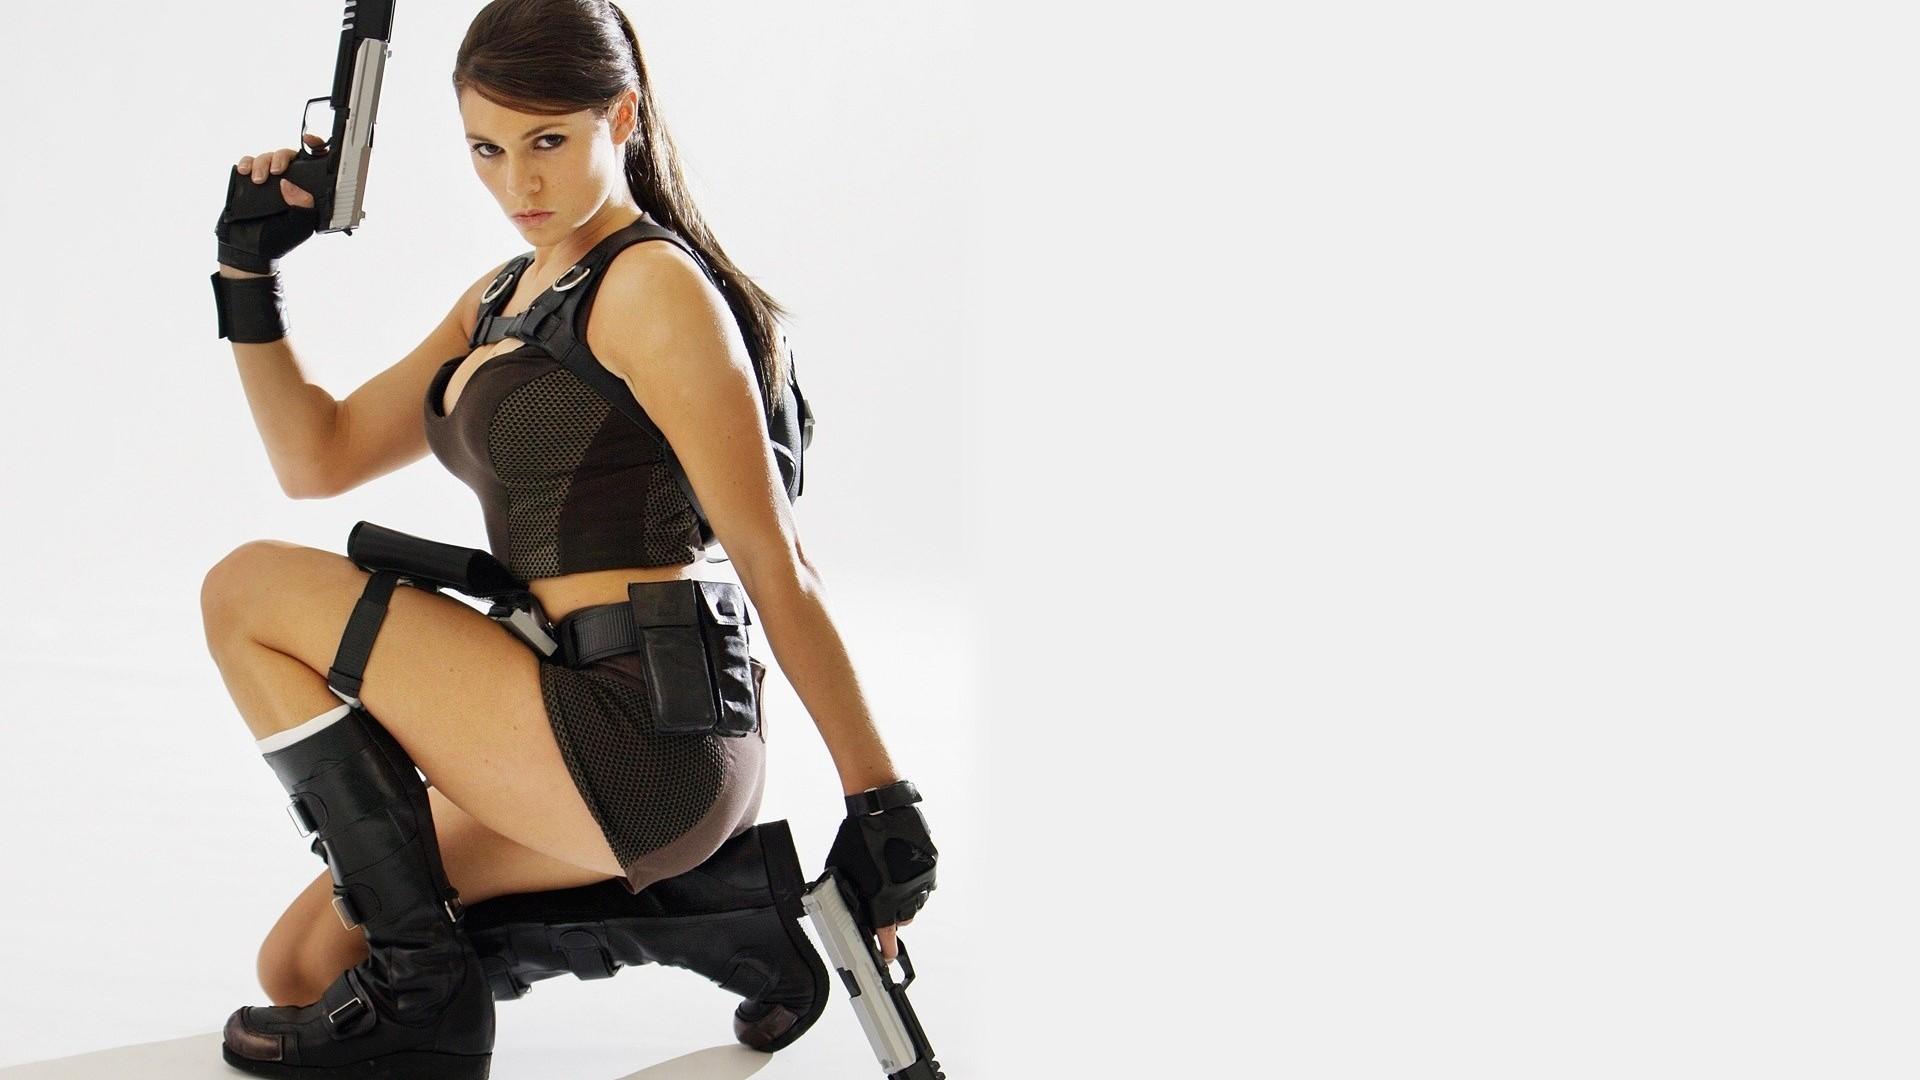 Lara croft porn pics porn photos